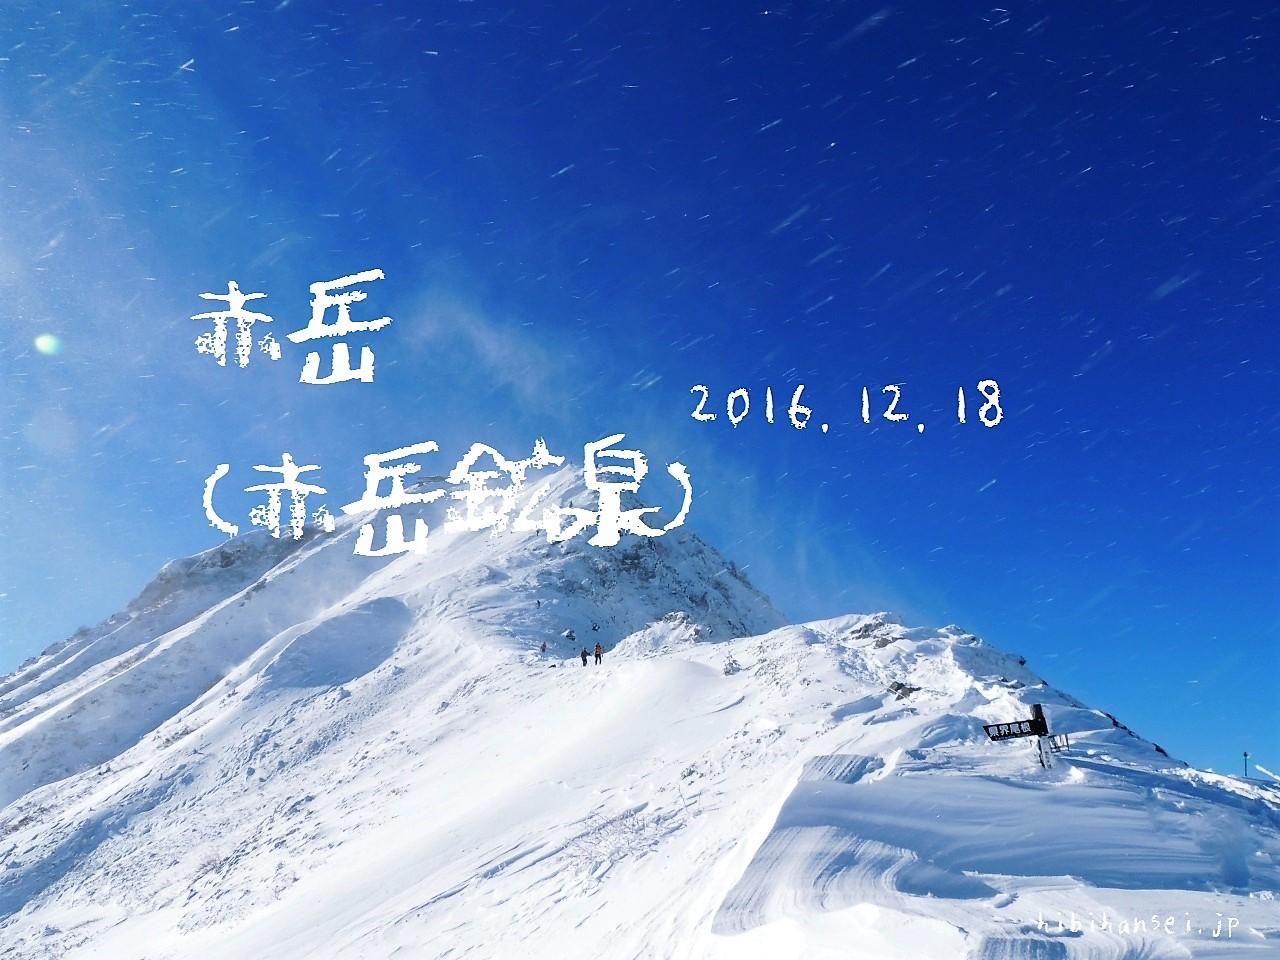 赤岳 雪山登山(赤岳鉱泉) 雪山3年生、この冬最高の舞台へ 赤岳鉱泉小屋泊(2016.12.18)